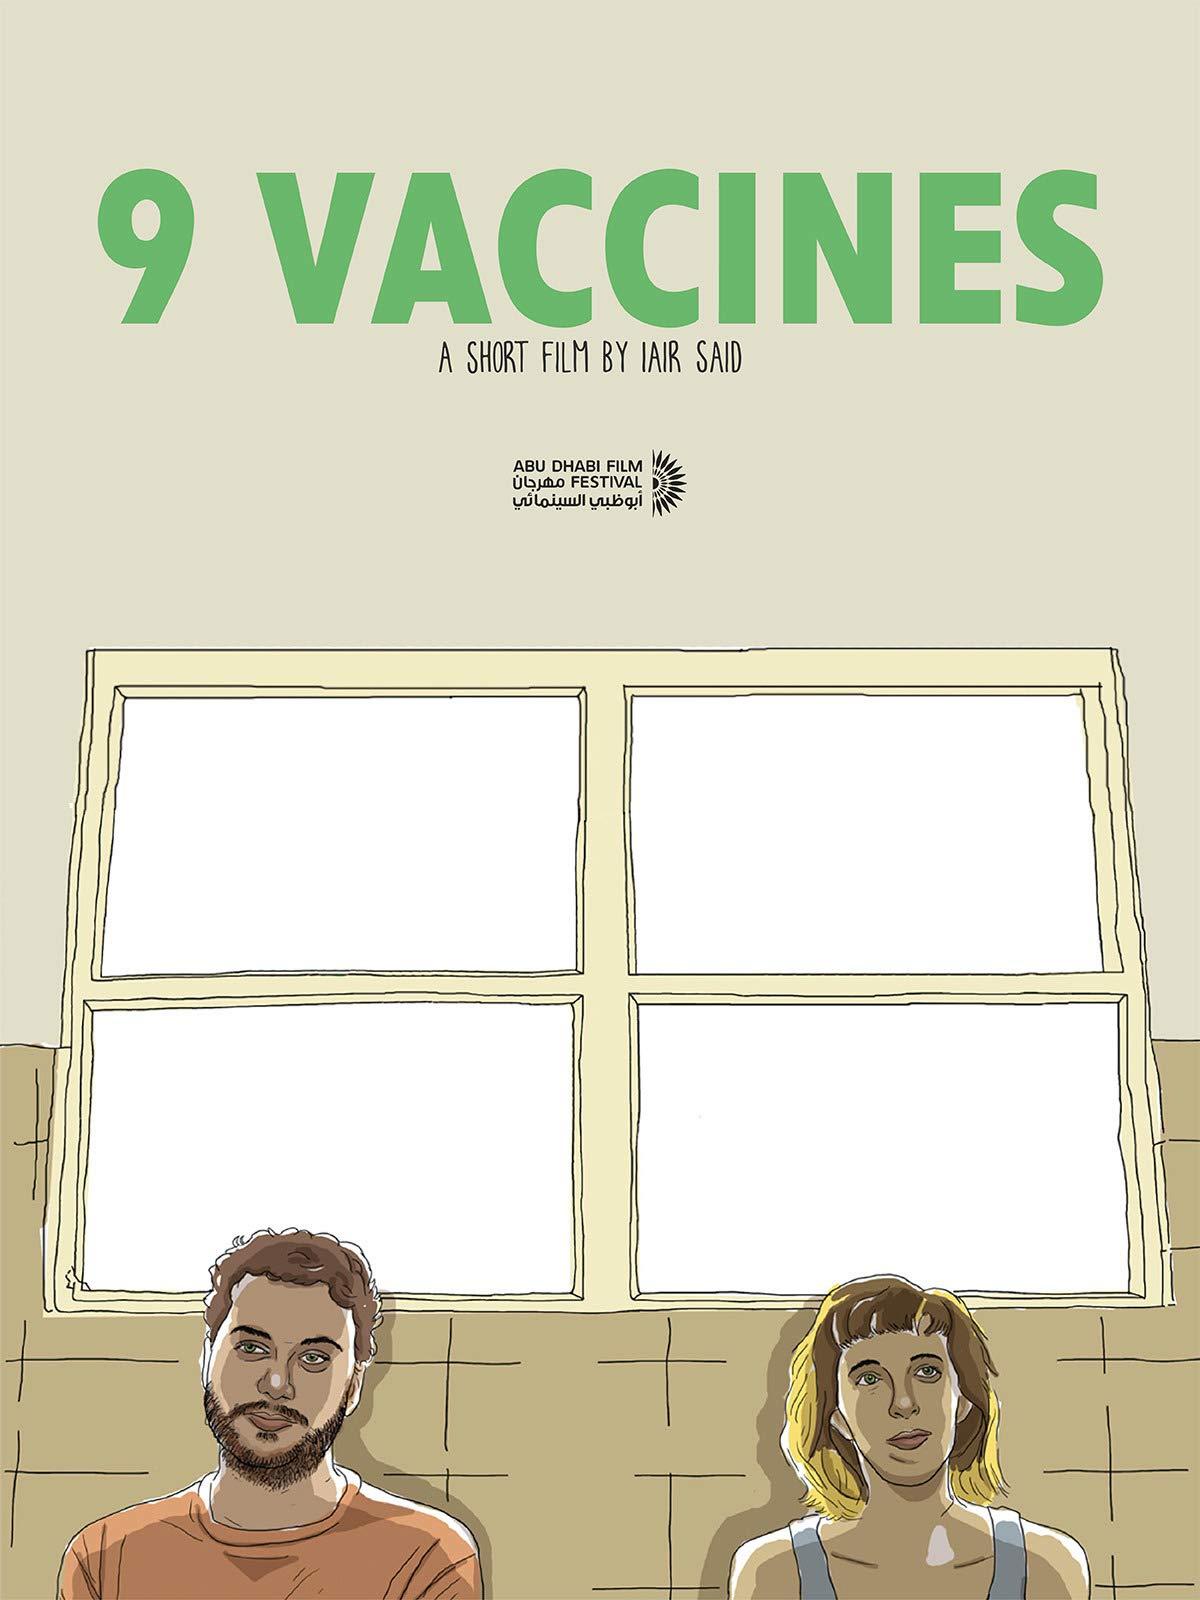 9 Vaccines (9 vacunas)